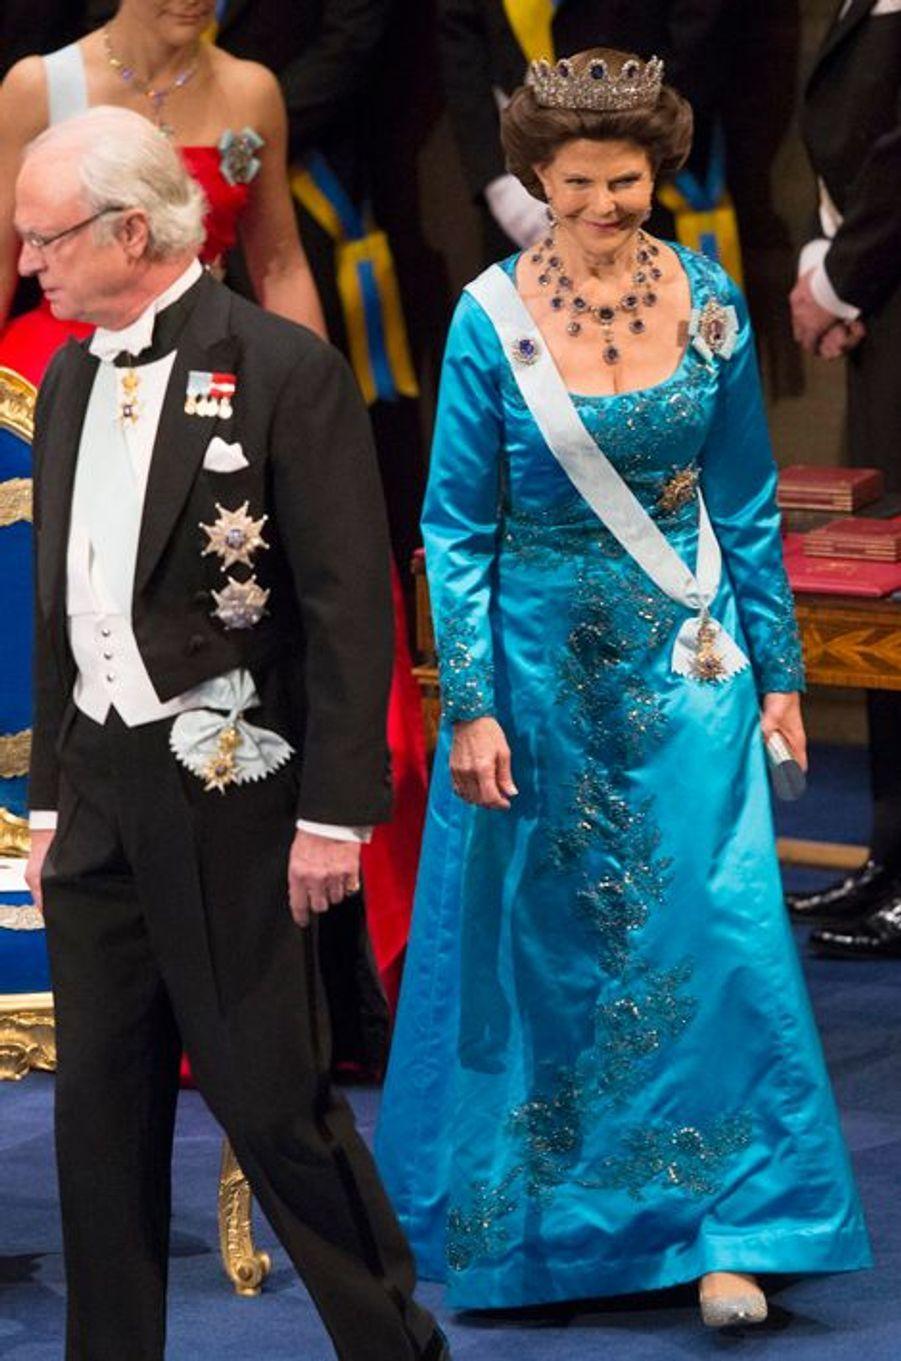 Le roi Carl XVI Gustaf de Suède et la reine Silvia au banquet des prix Nobel à Stockholm, le 10 décembre 2014